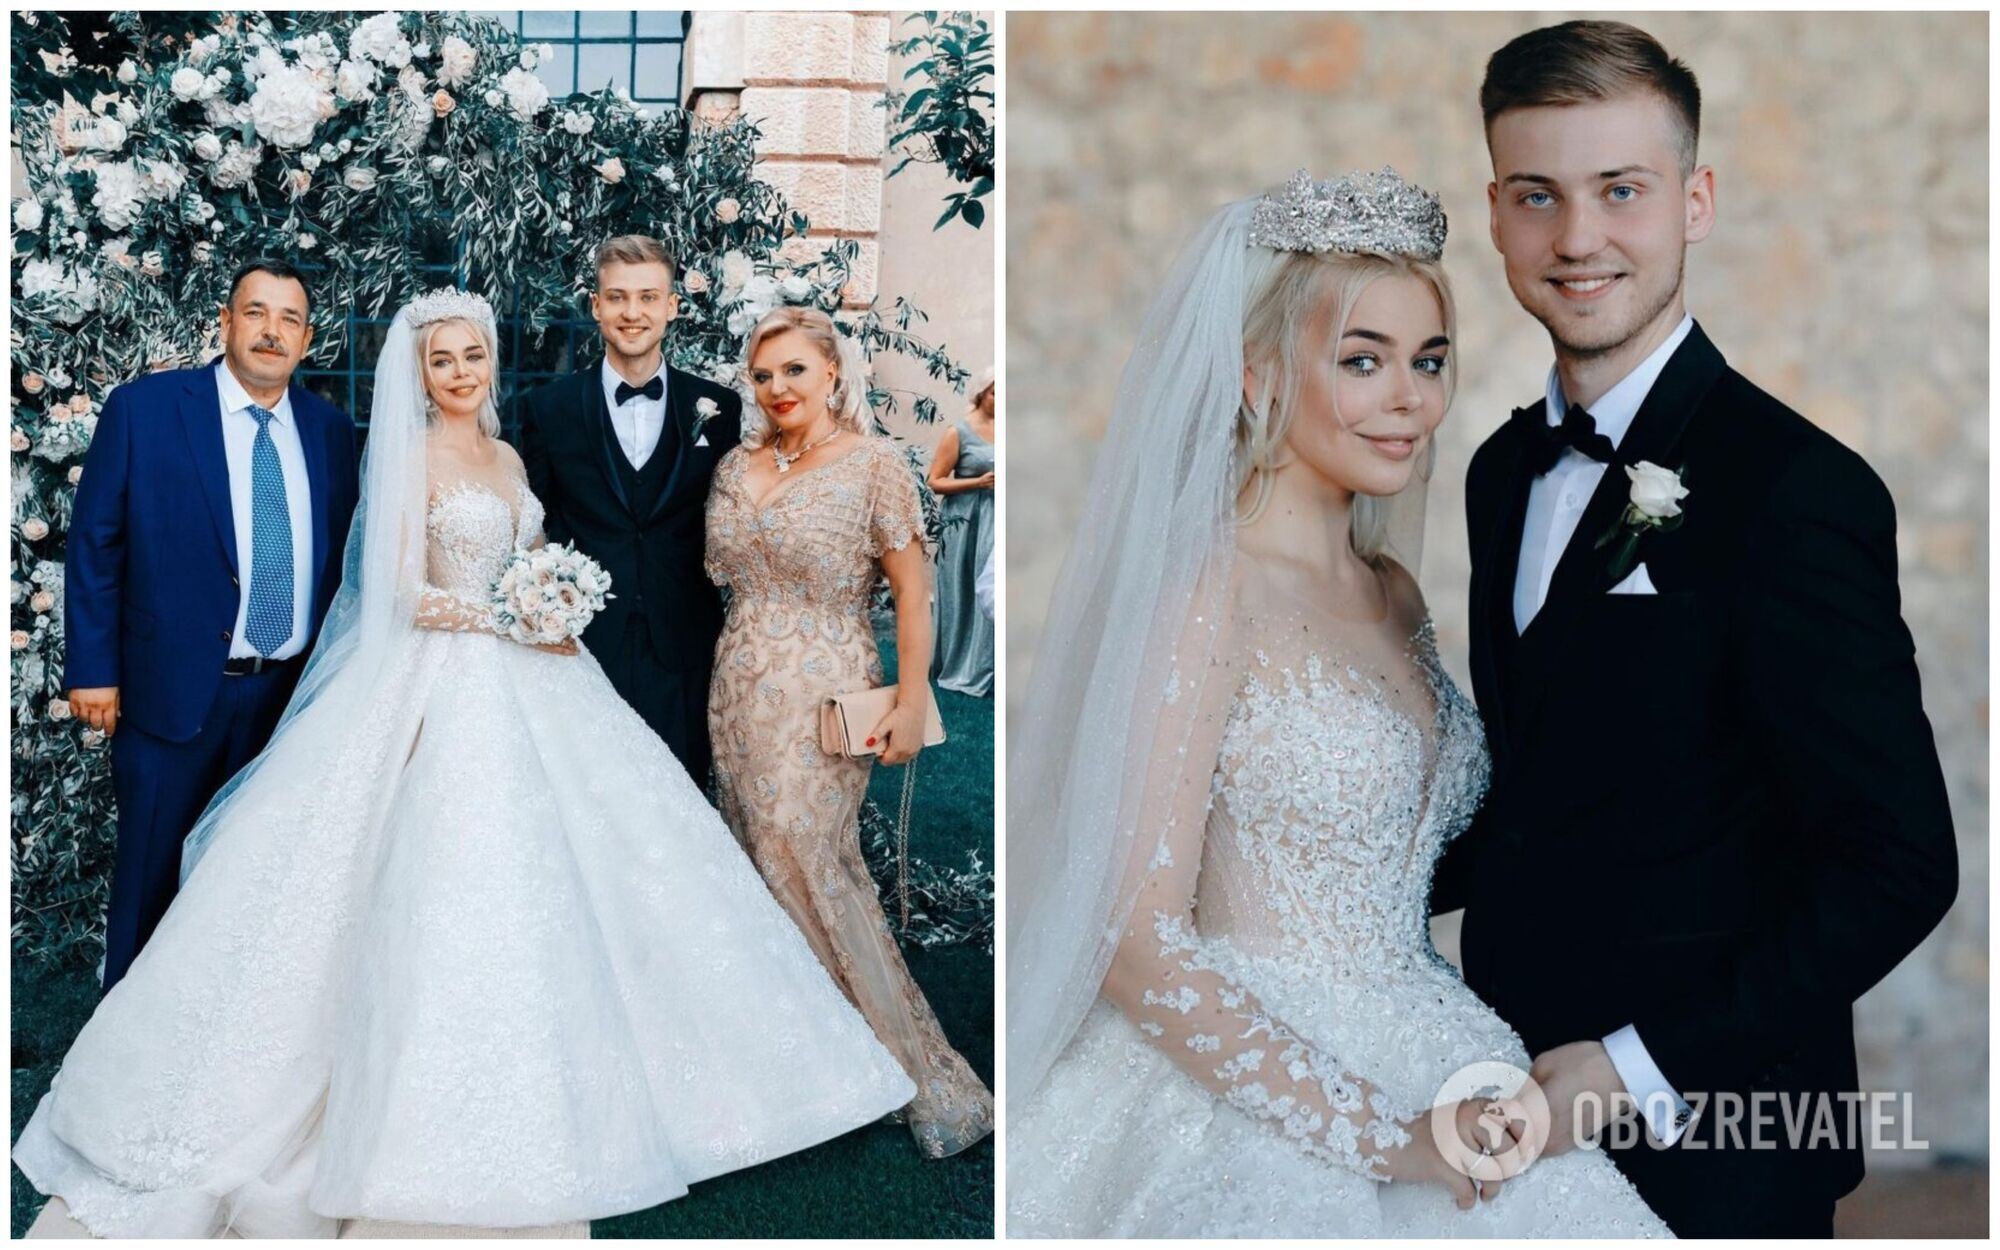 Свадьба Алины Гросу и Александра Комкова состоялась 1 июня 2019 года